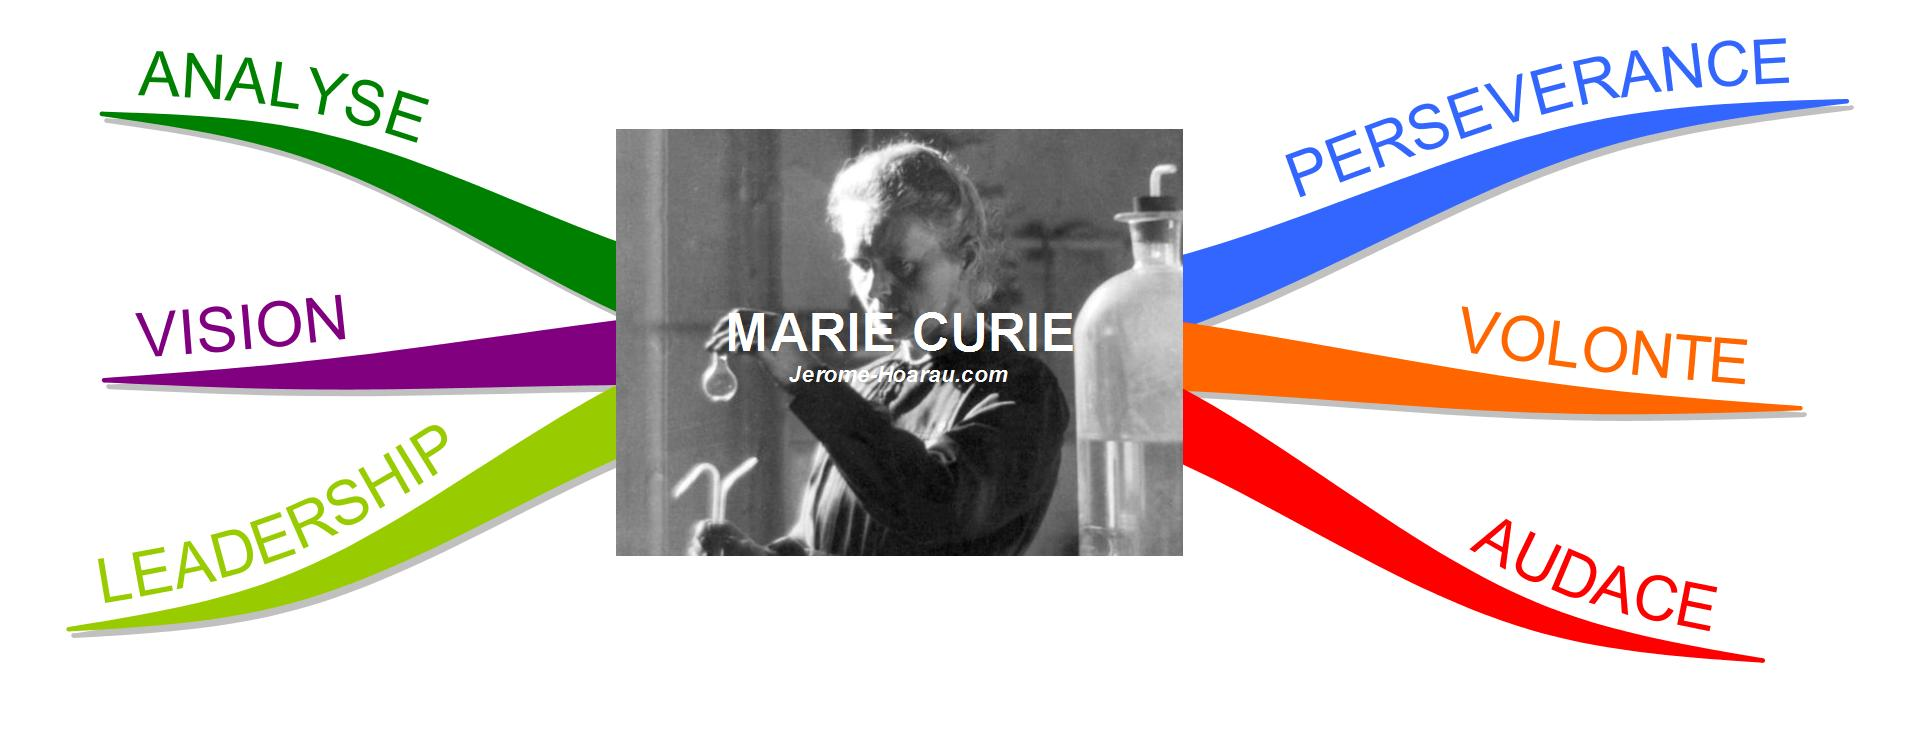 MARIE CURIE Jerome Hoarau com 74b5f